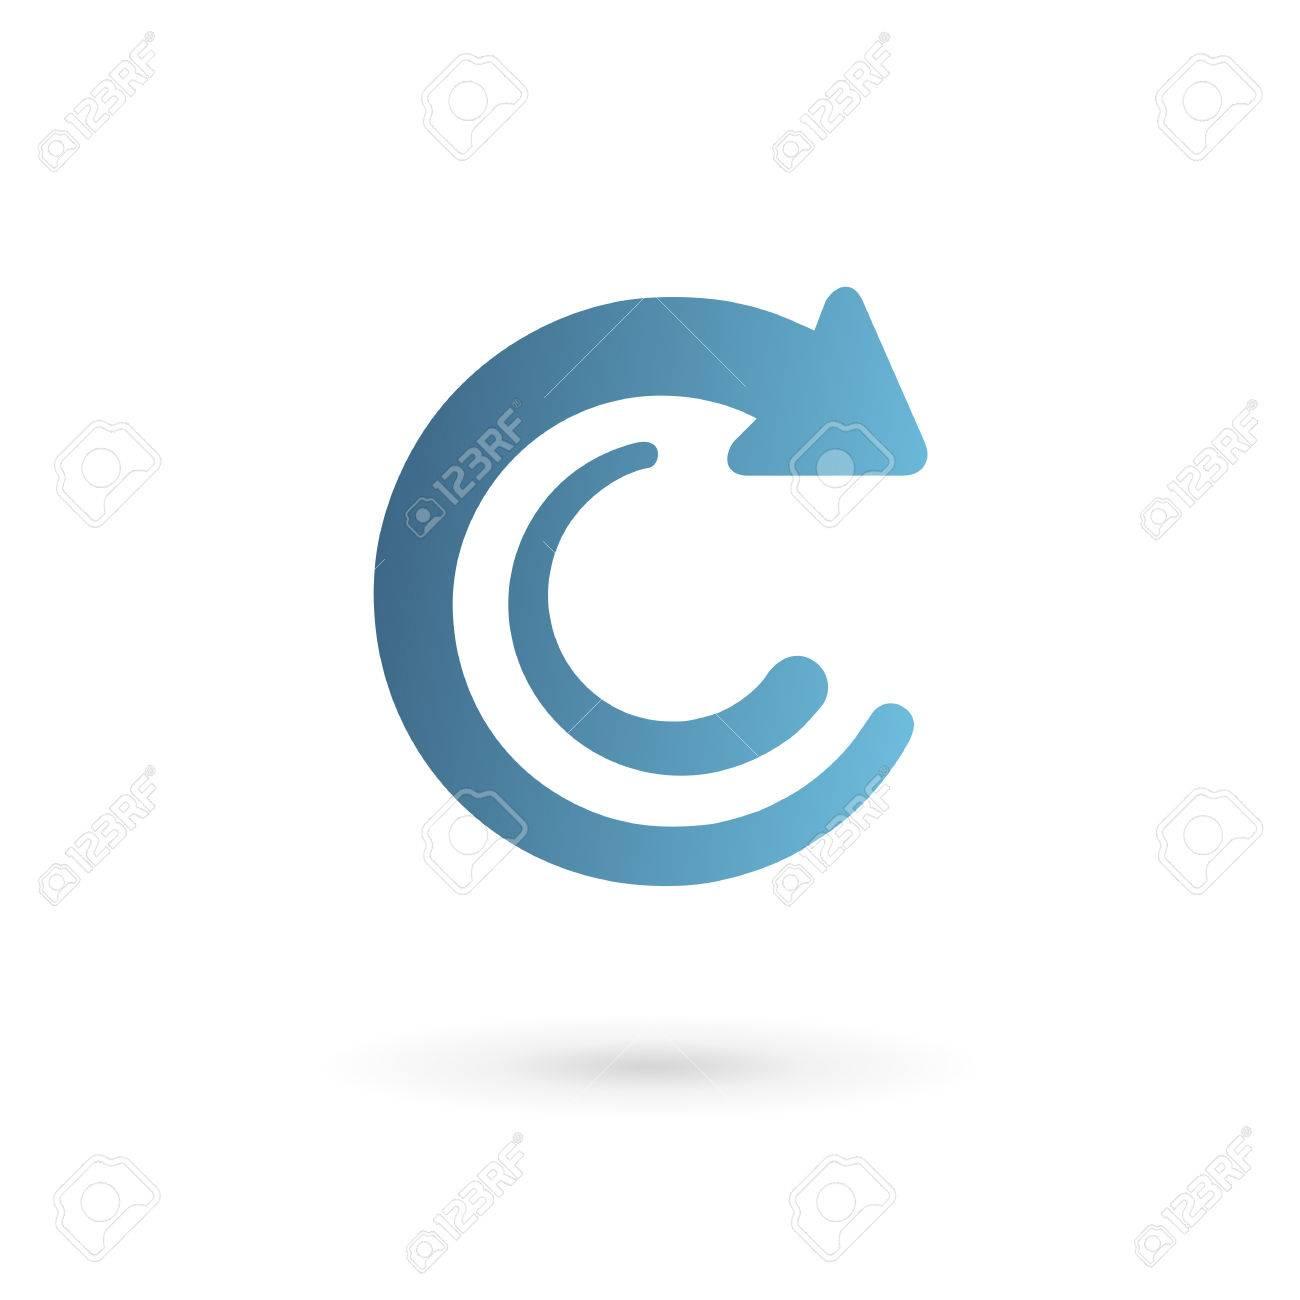 Letra C De Flecha Logo Icono Elementos De Plantilla De Diseño ...